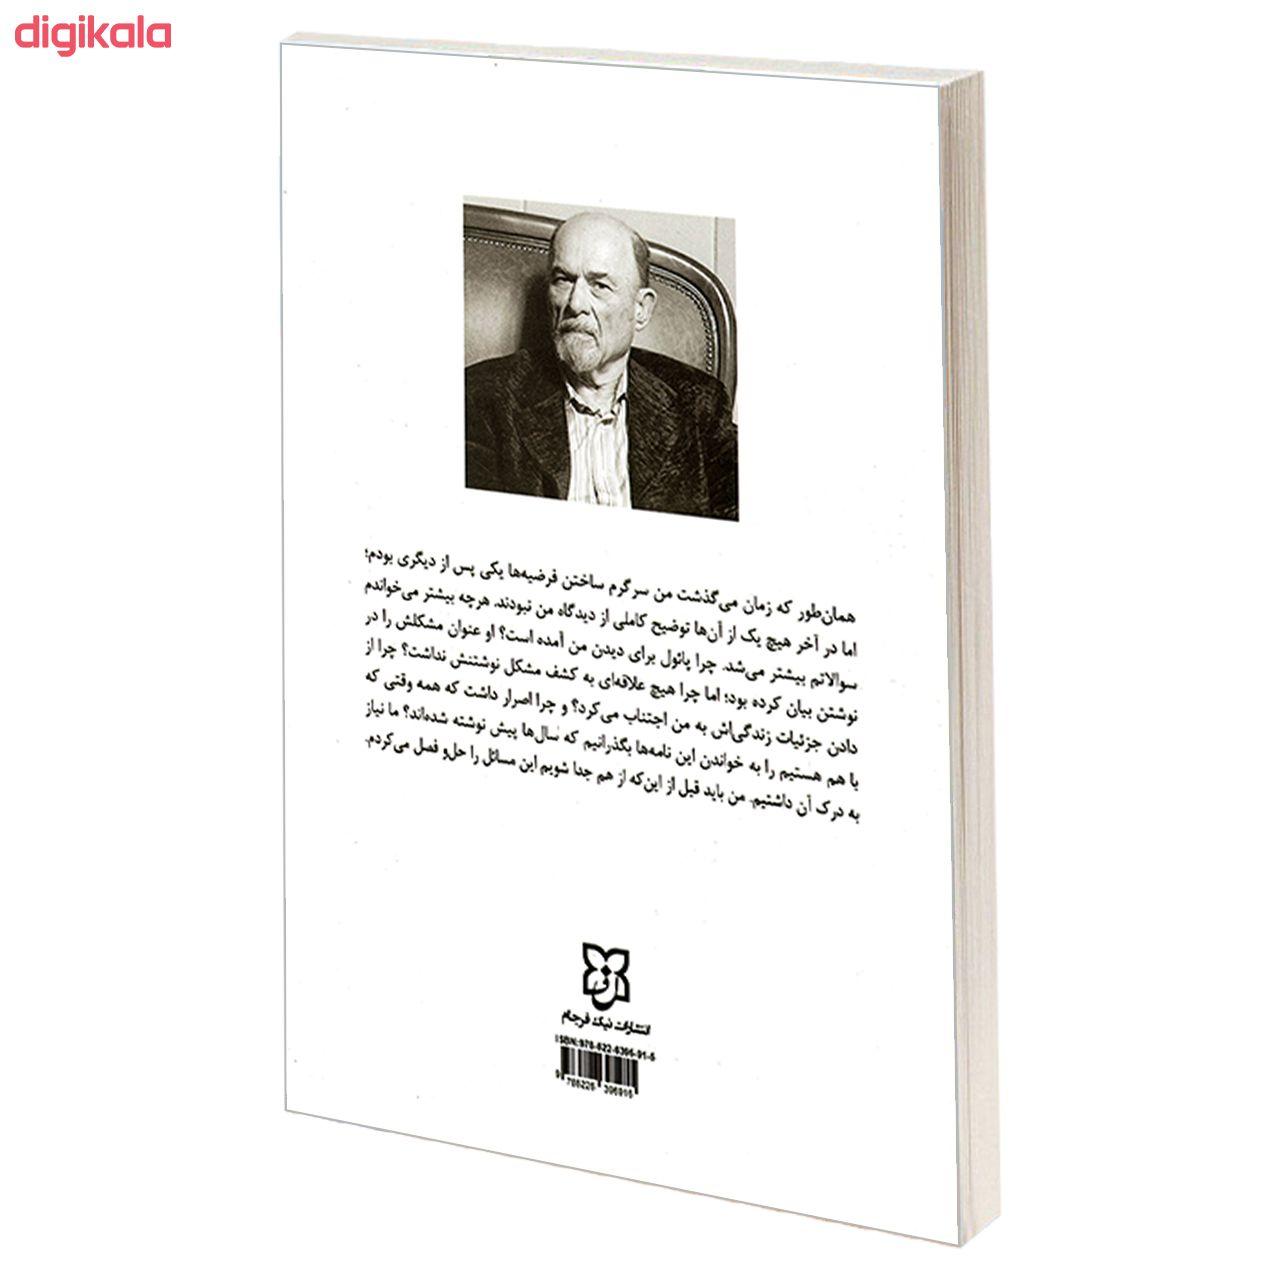 کتاب انسان موجودی یک روزه اثر اروین د یالوم انتشارات نیک فرجام  main 1 1